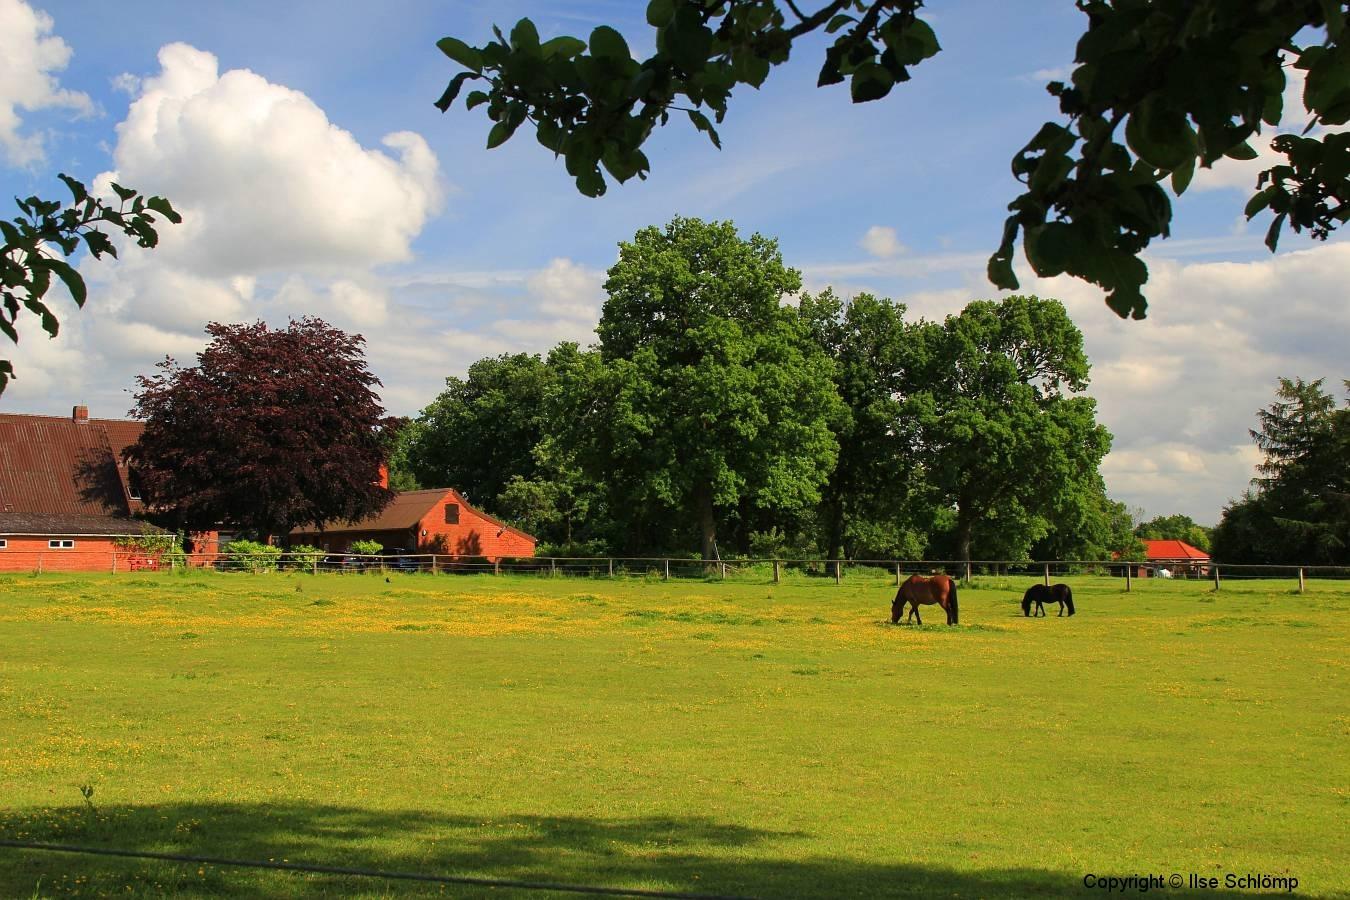 Cuxland, Stinstedt, Blick vom Historischen Weg, Sommer 2012